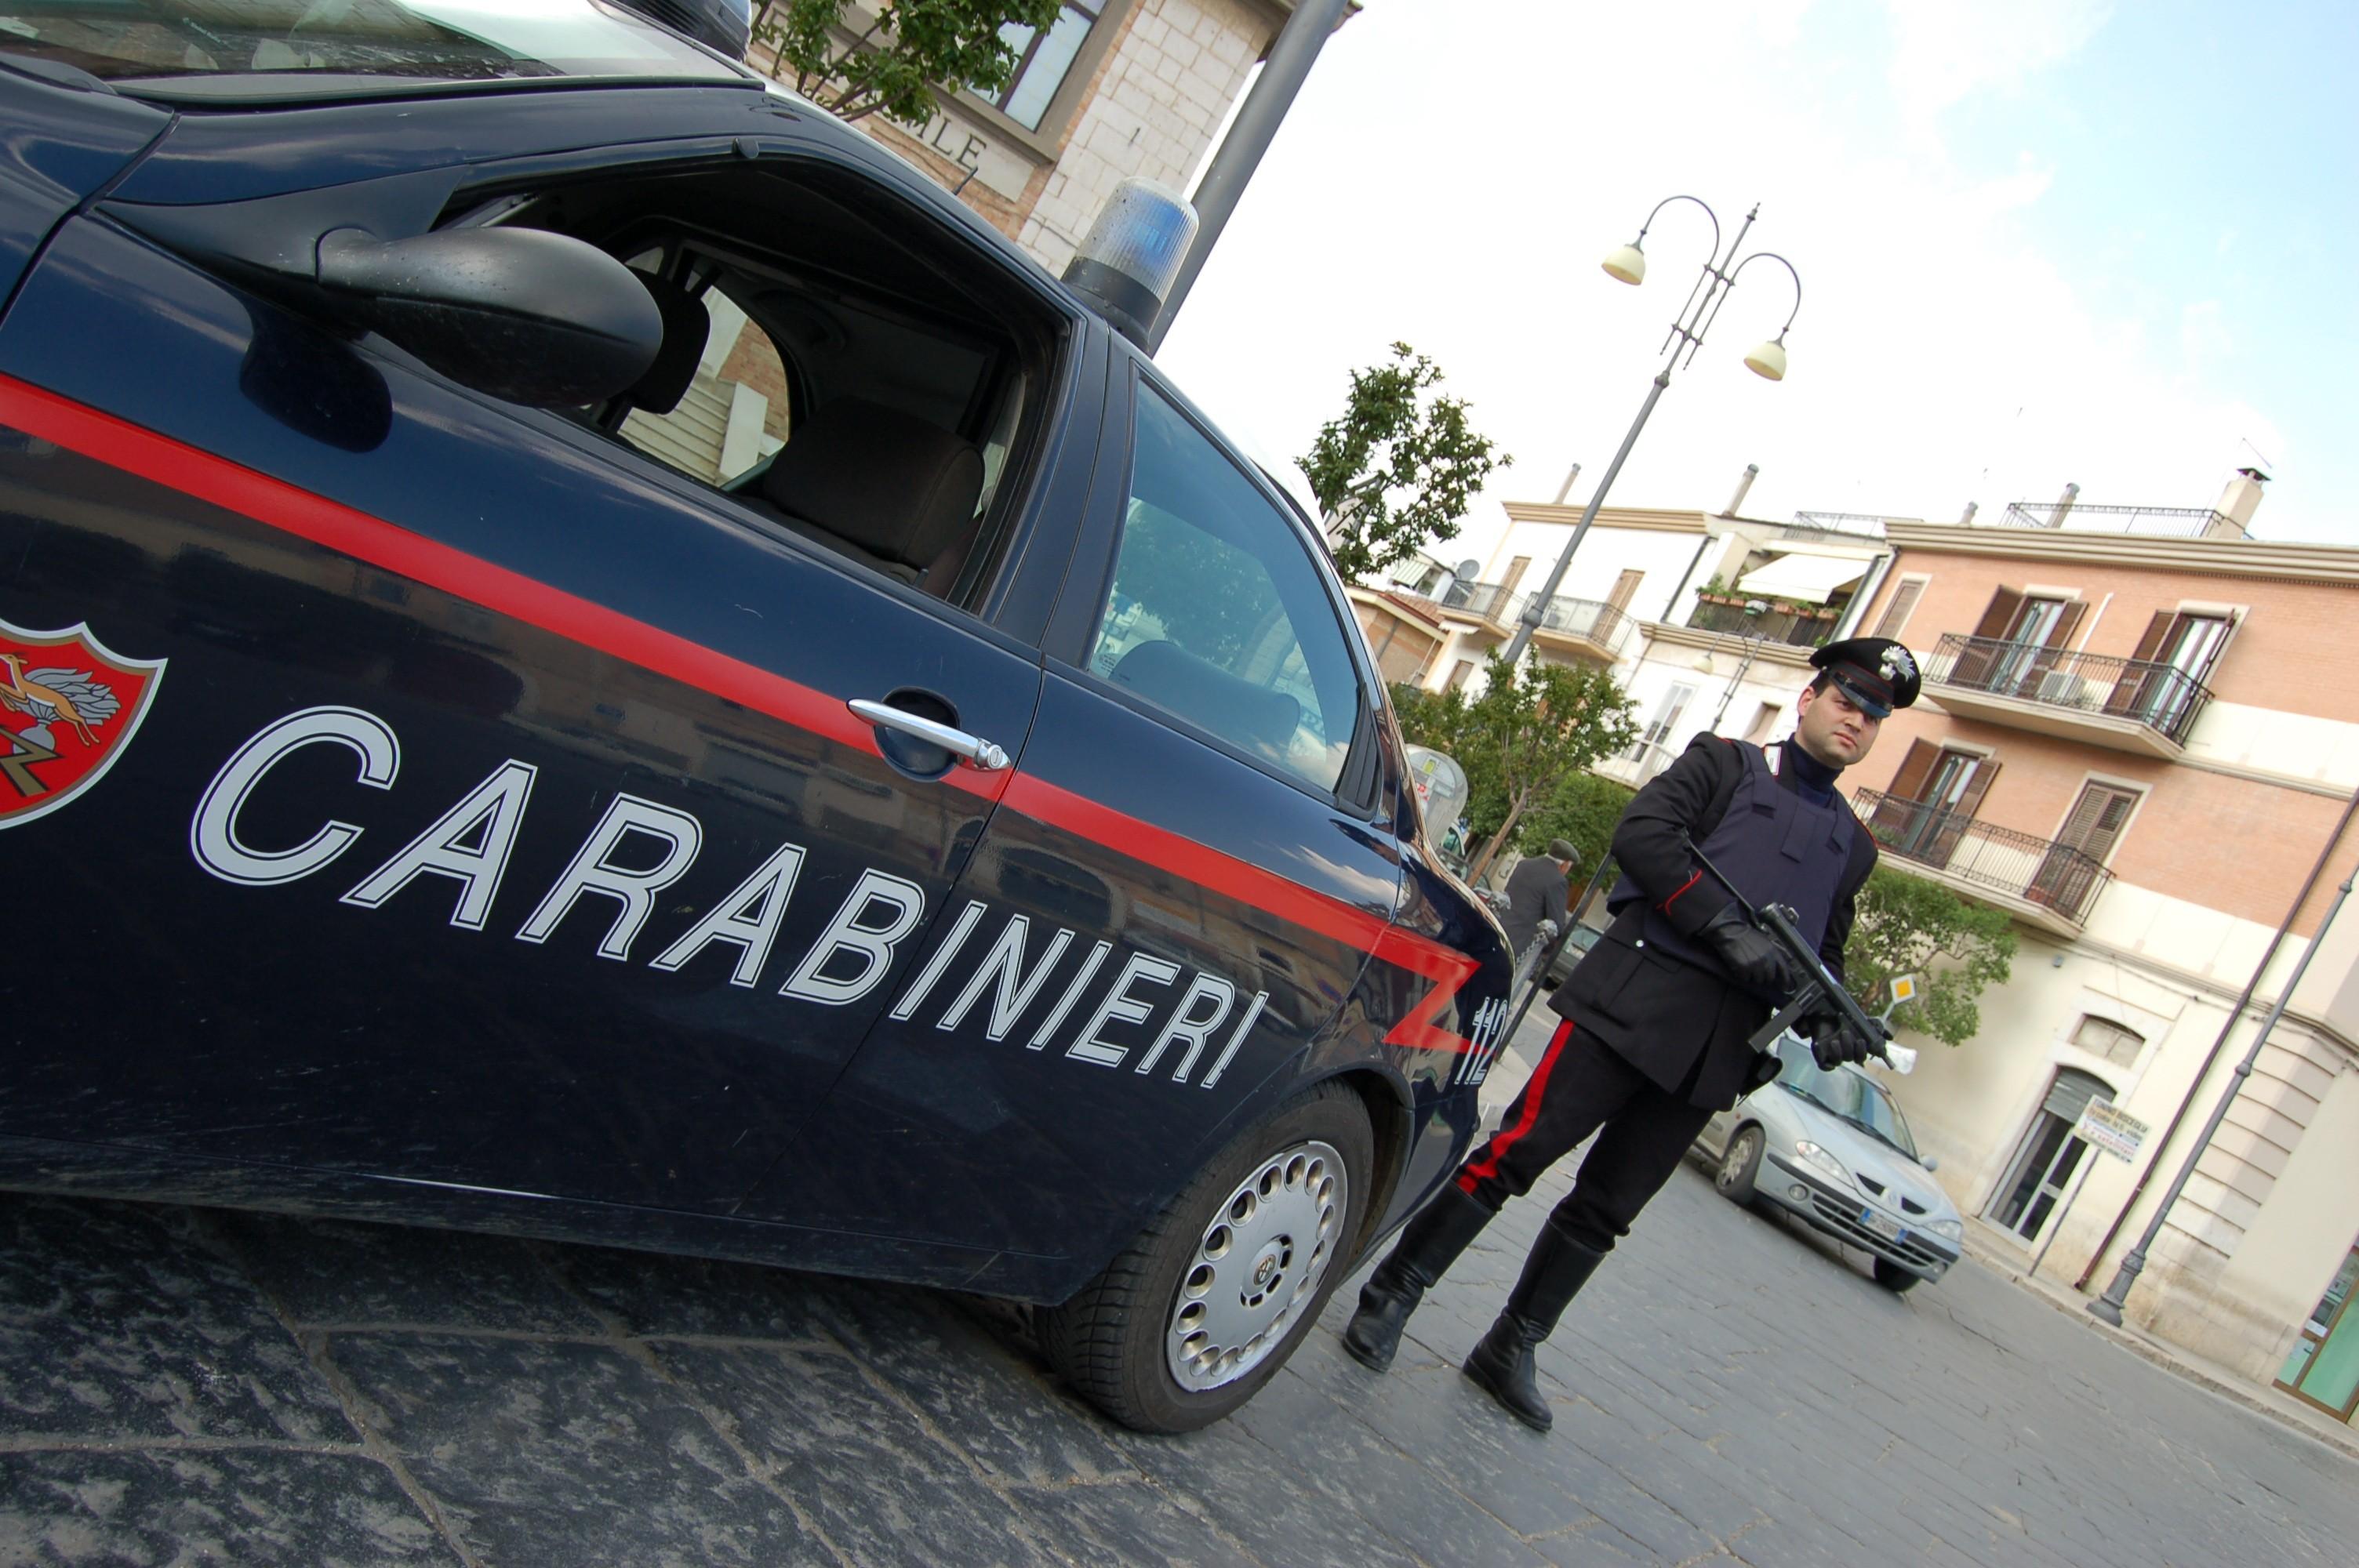 Operazione anti droga condotta dai carabinieri